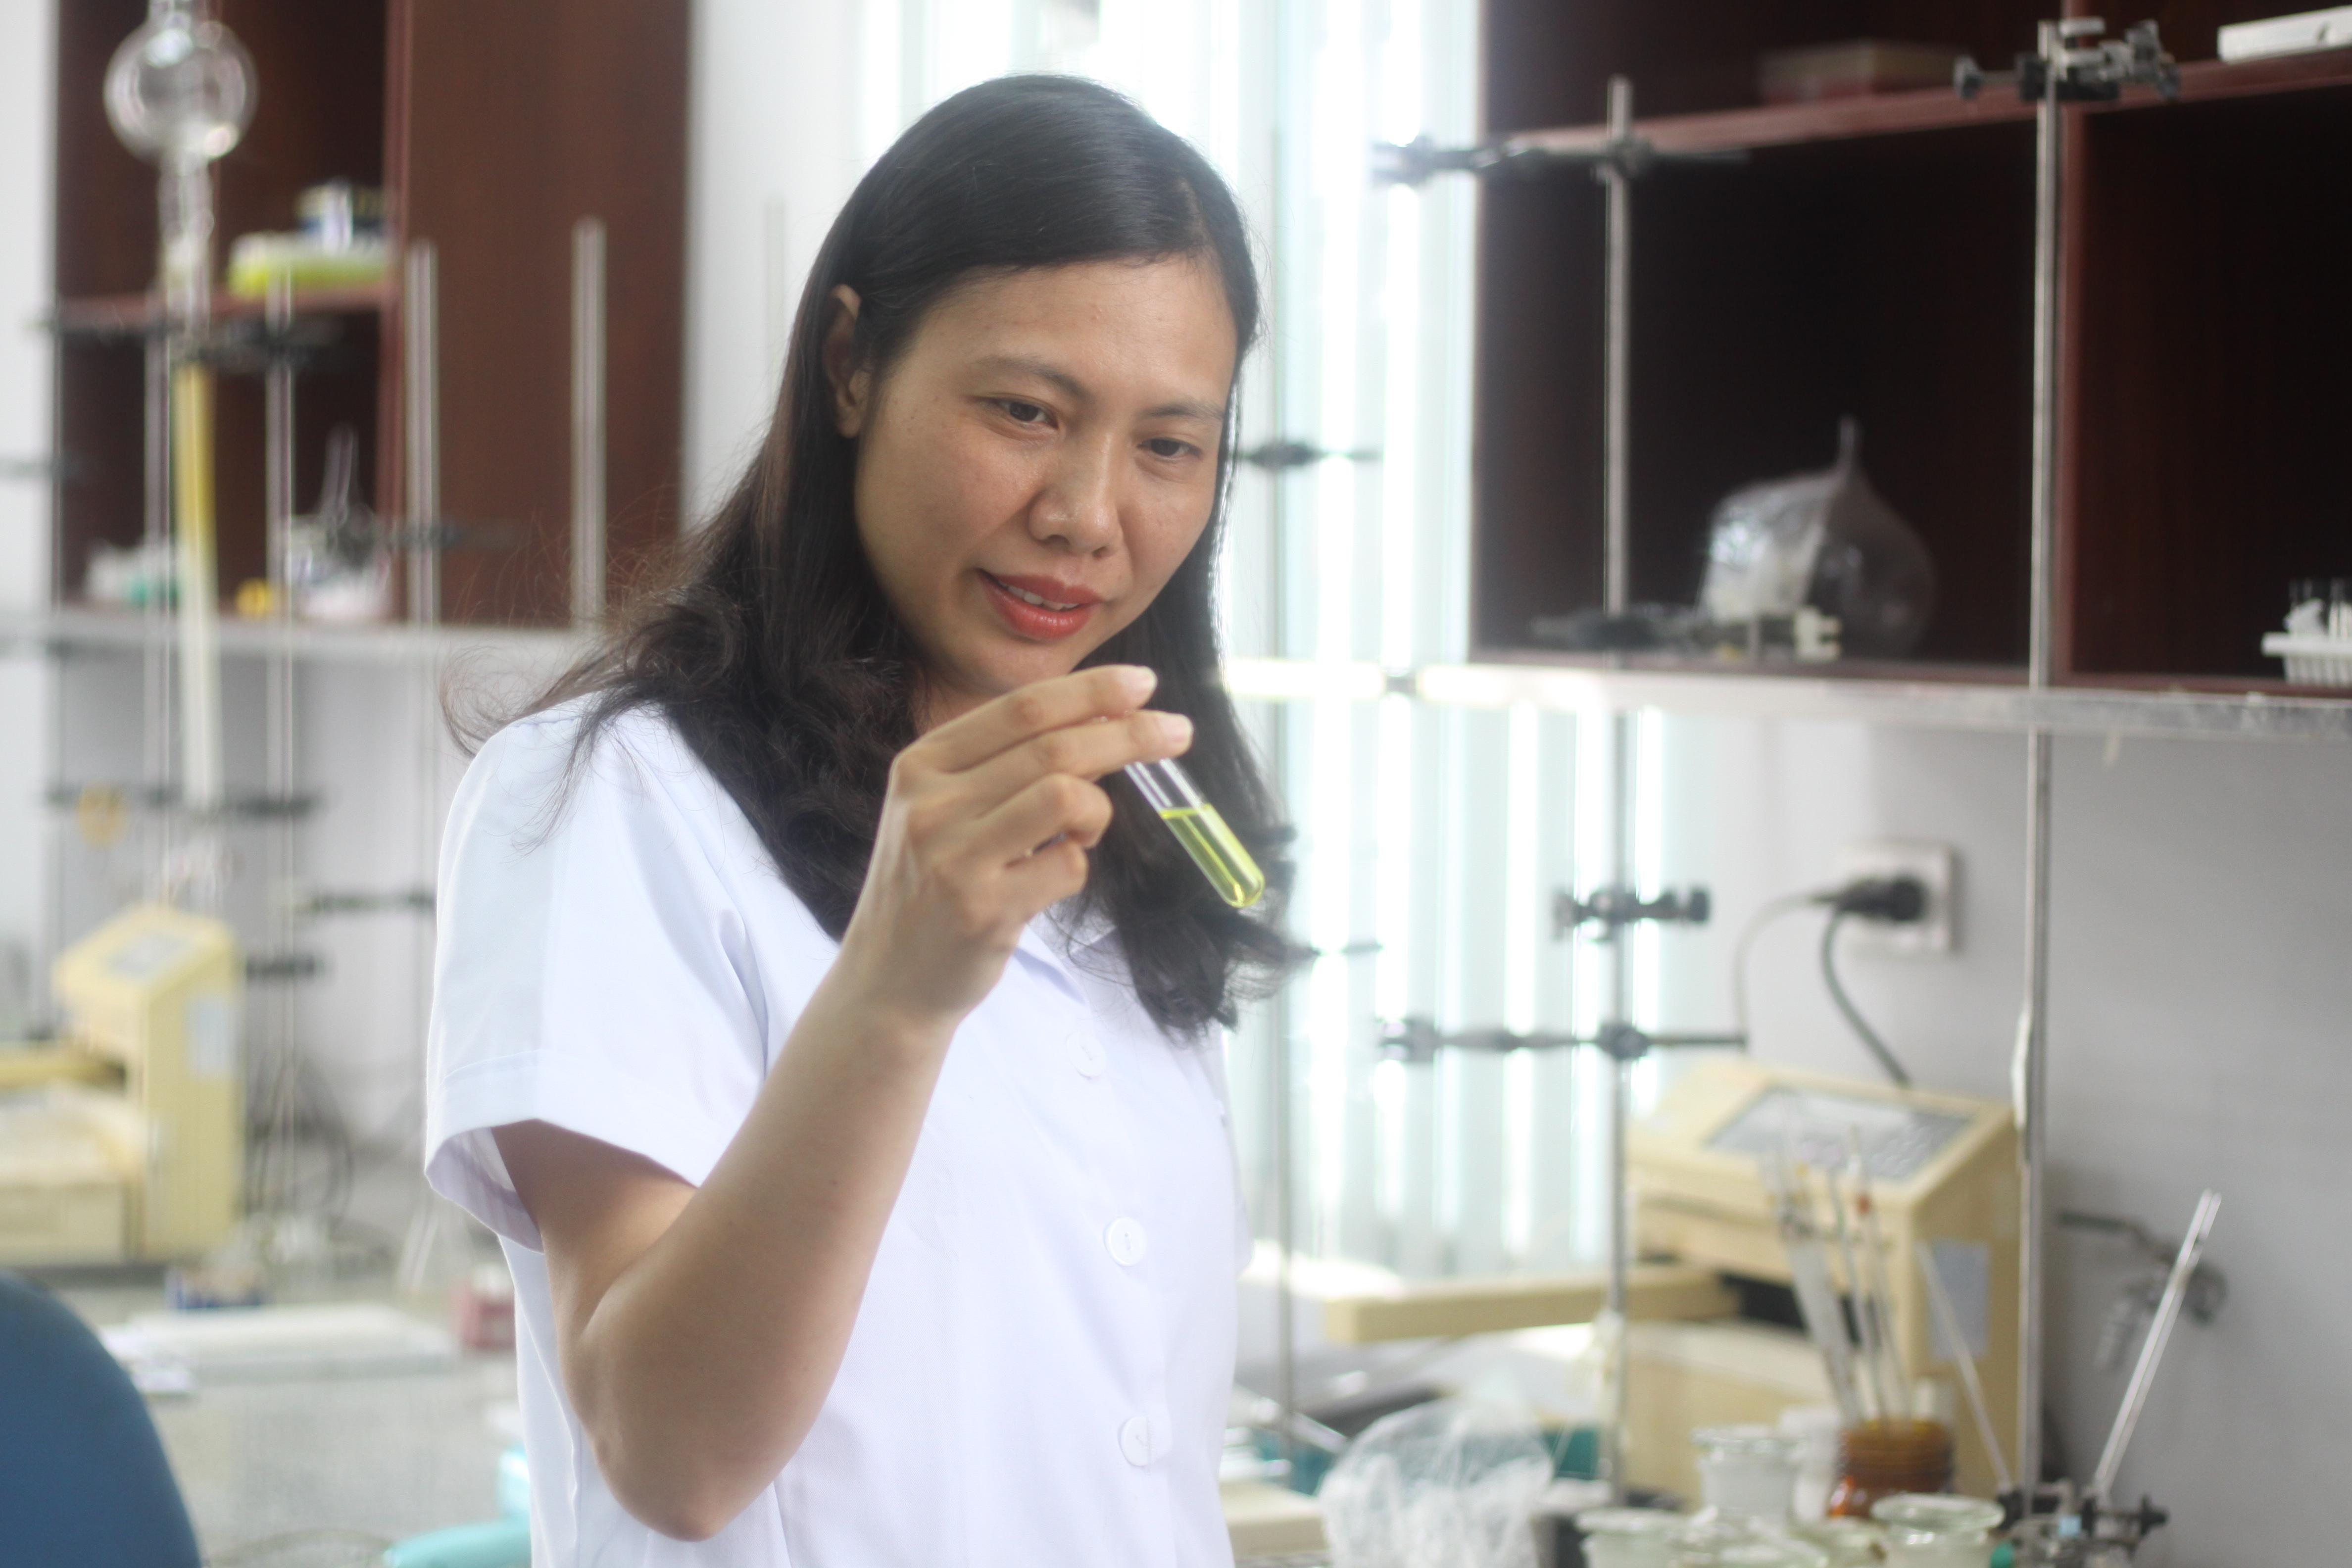 TS. Trần Thị Hồng Hạnh, Viện Hóa sinh biển, Viện Hàn lâm Khoa học & Công nghệ Việt Nam trong phòng thí nghiệm